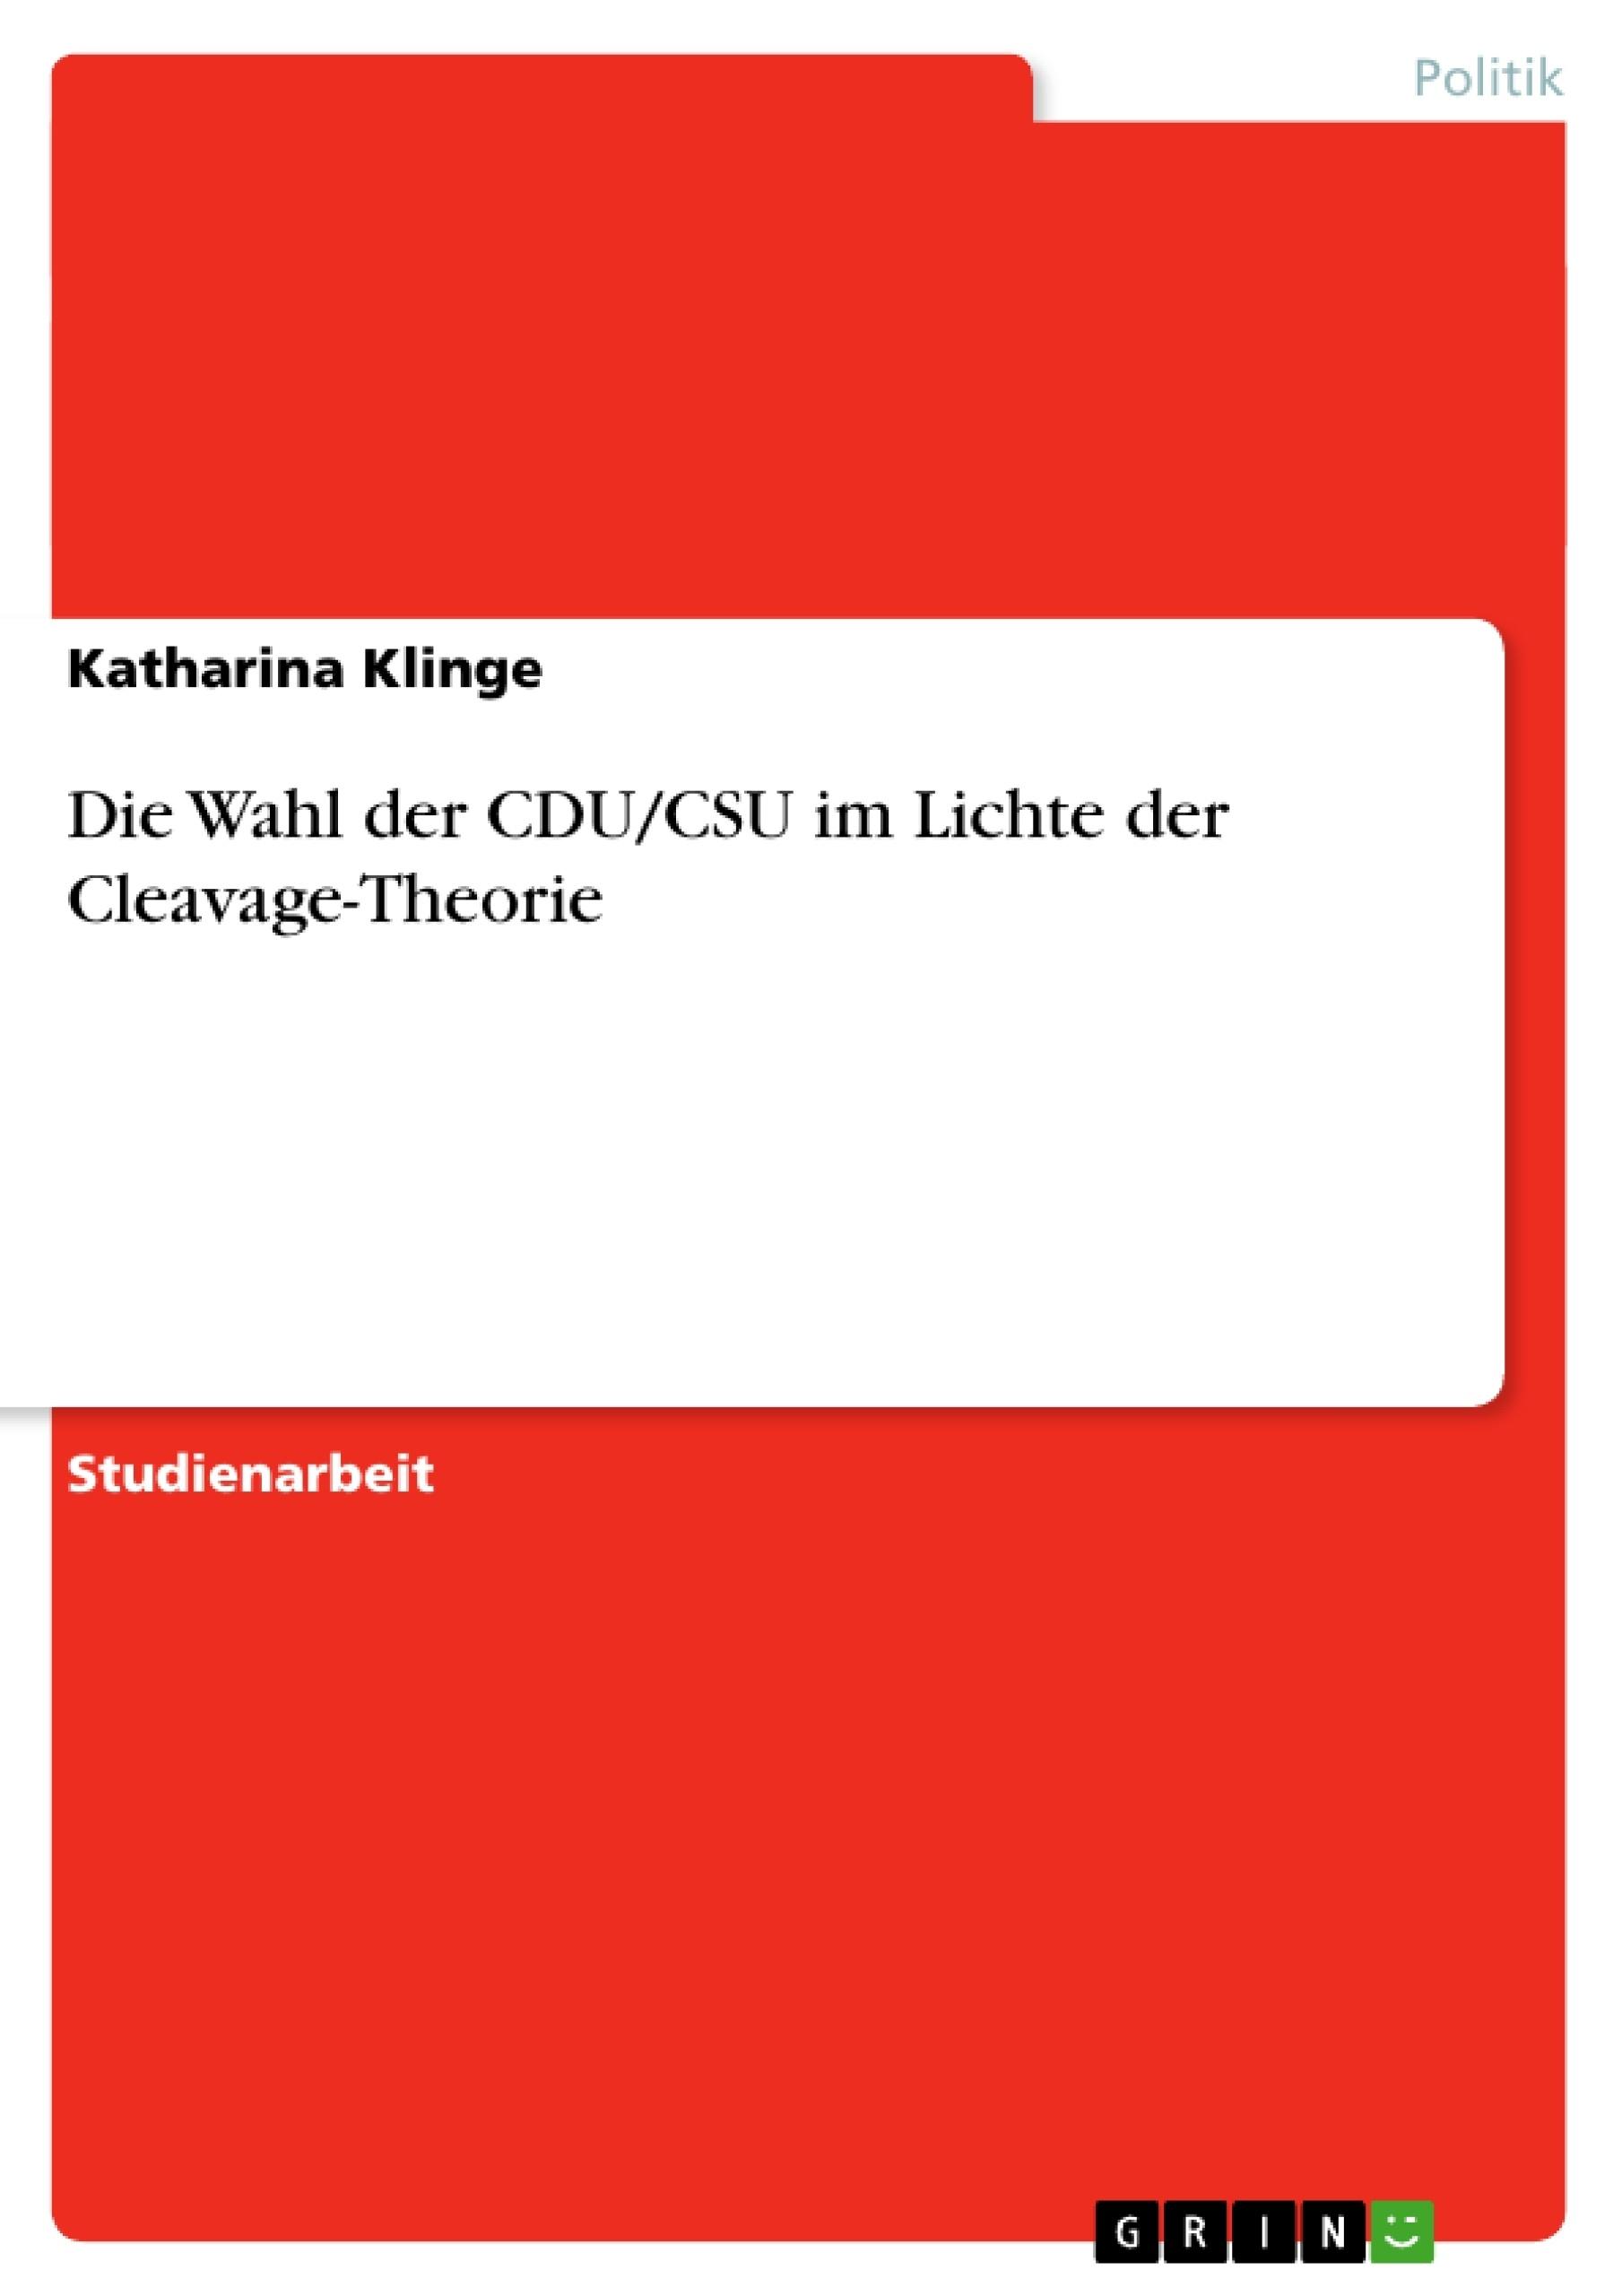 Titel: Die Wahl der CDU/CSU im Lichte der Cleavage-Theorie